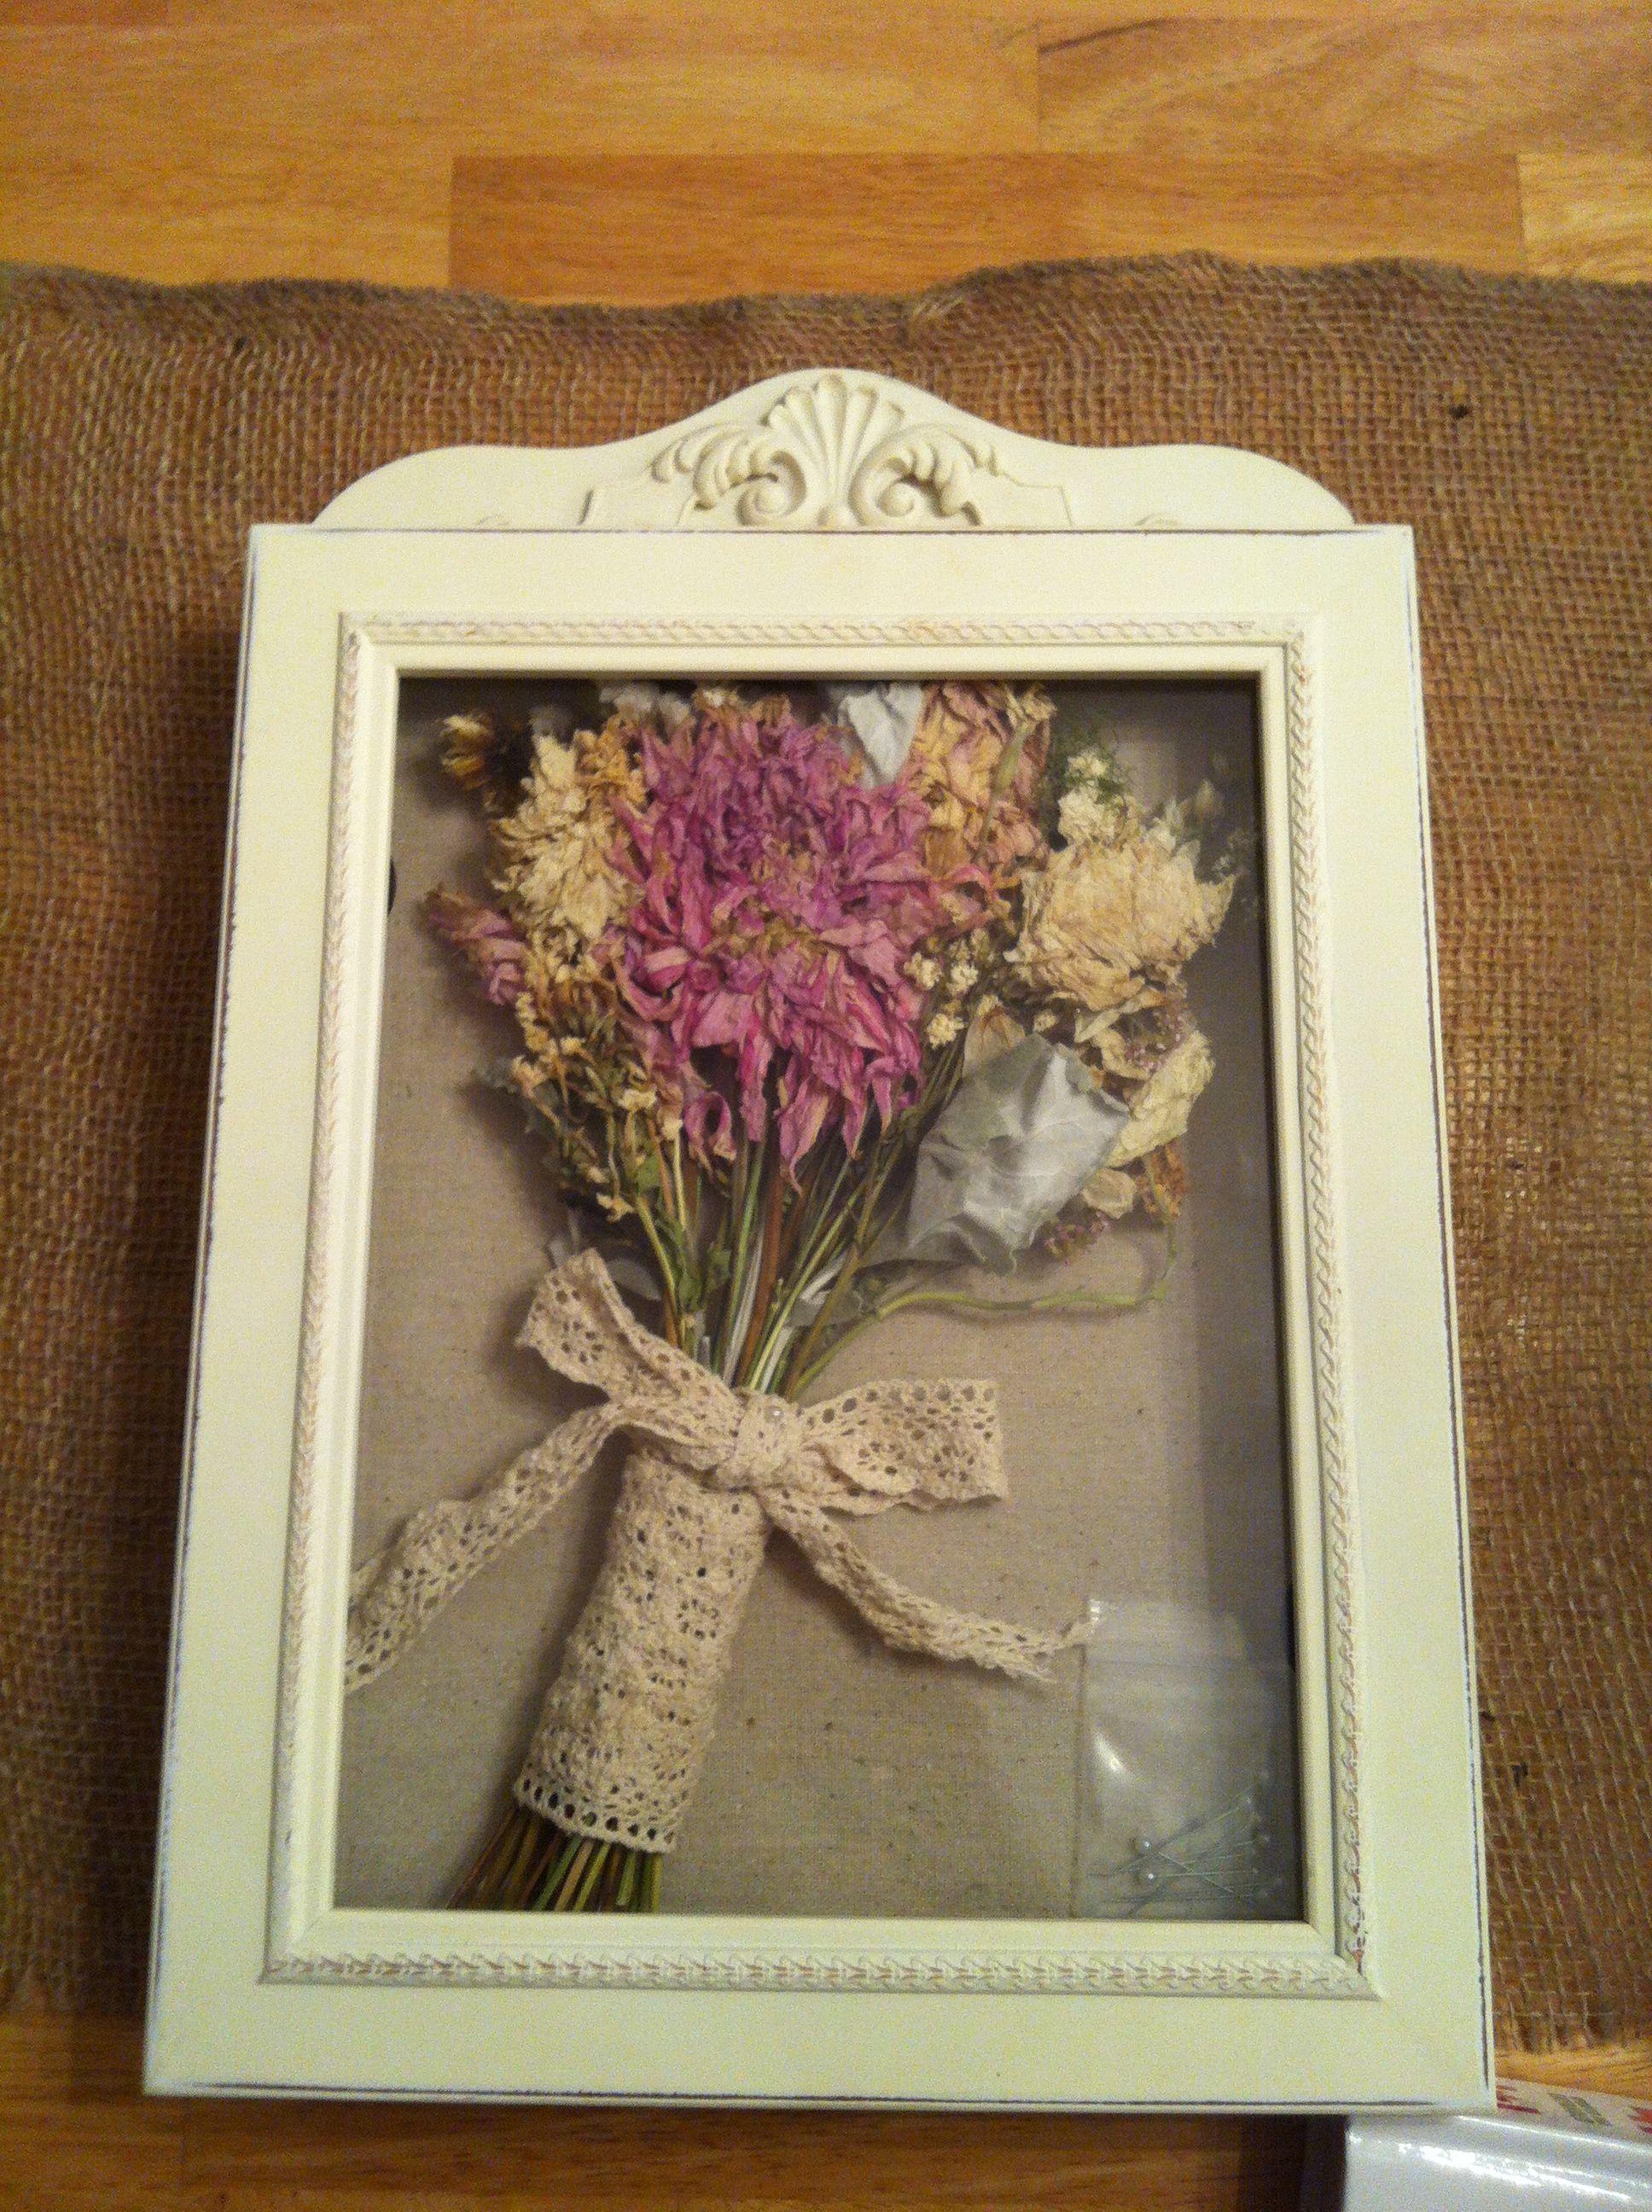 My wedding bouquet in a shadow box